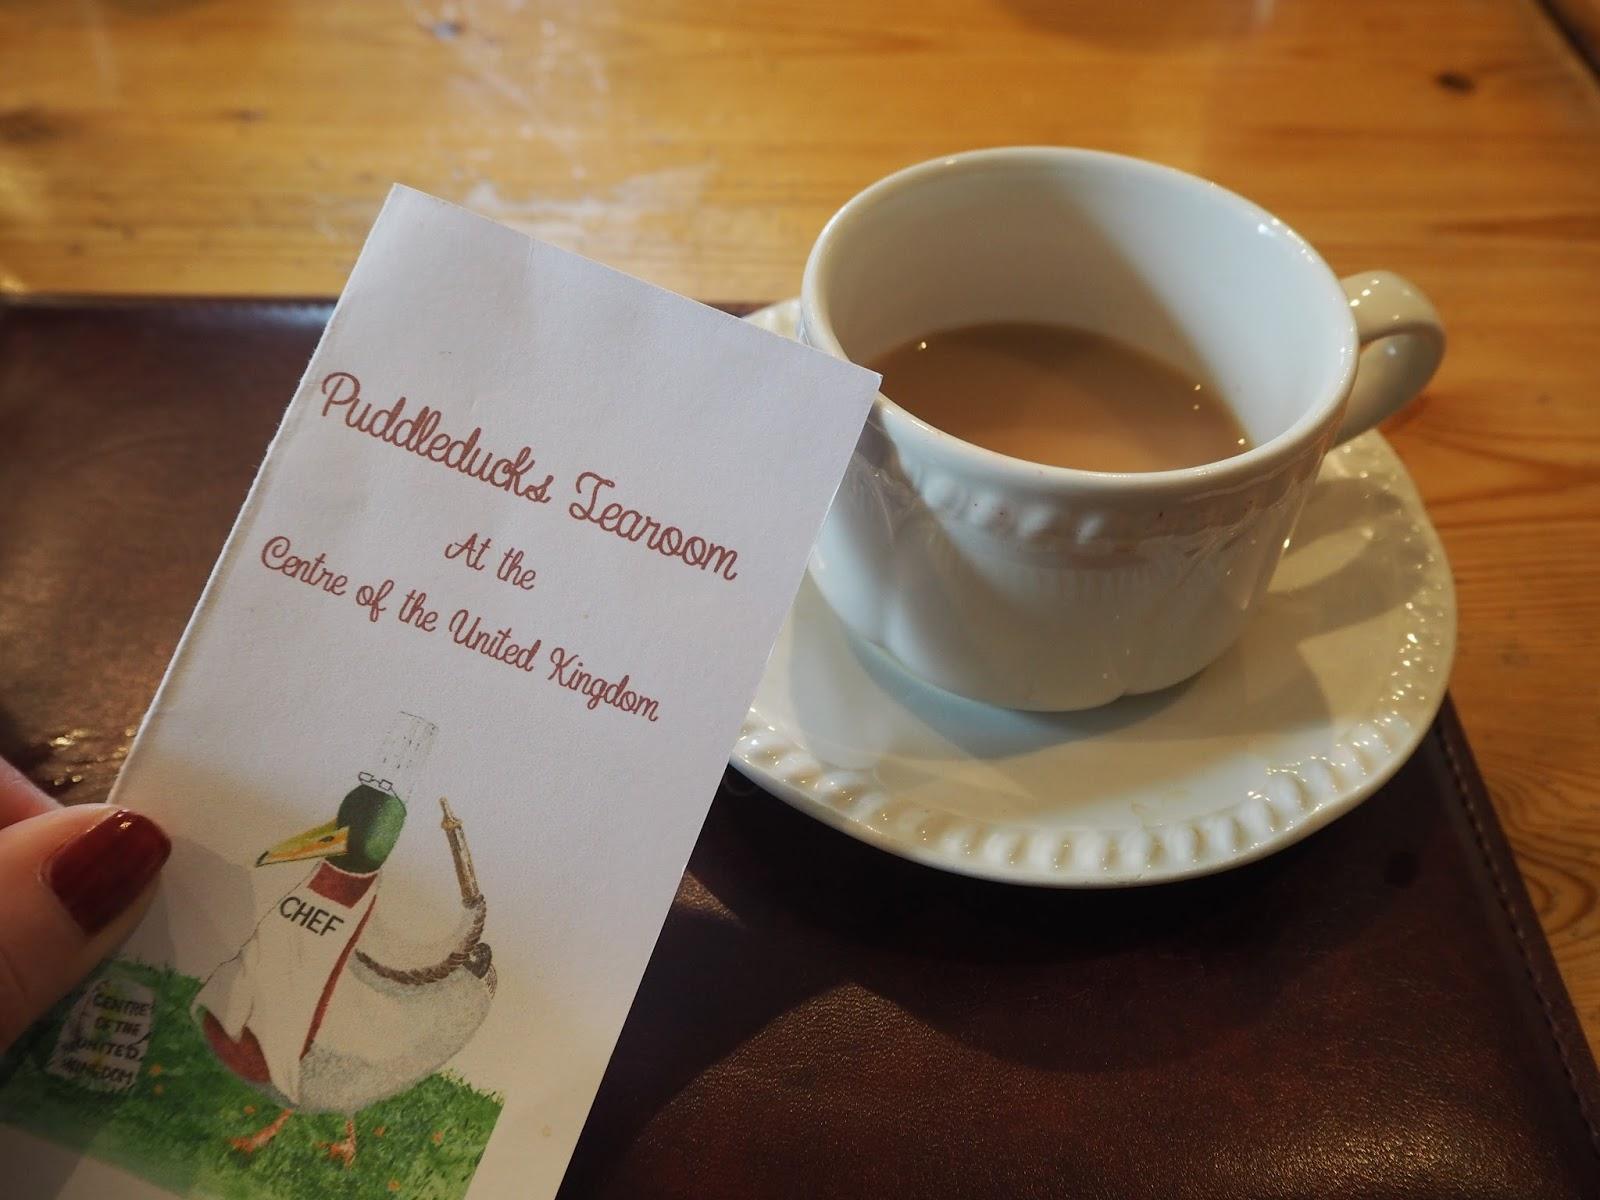 Puddleducks tearoom, dunsop Bridge